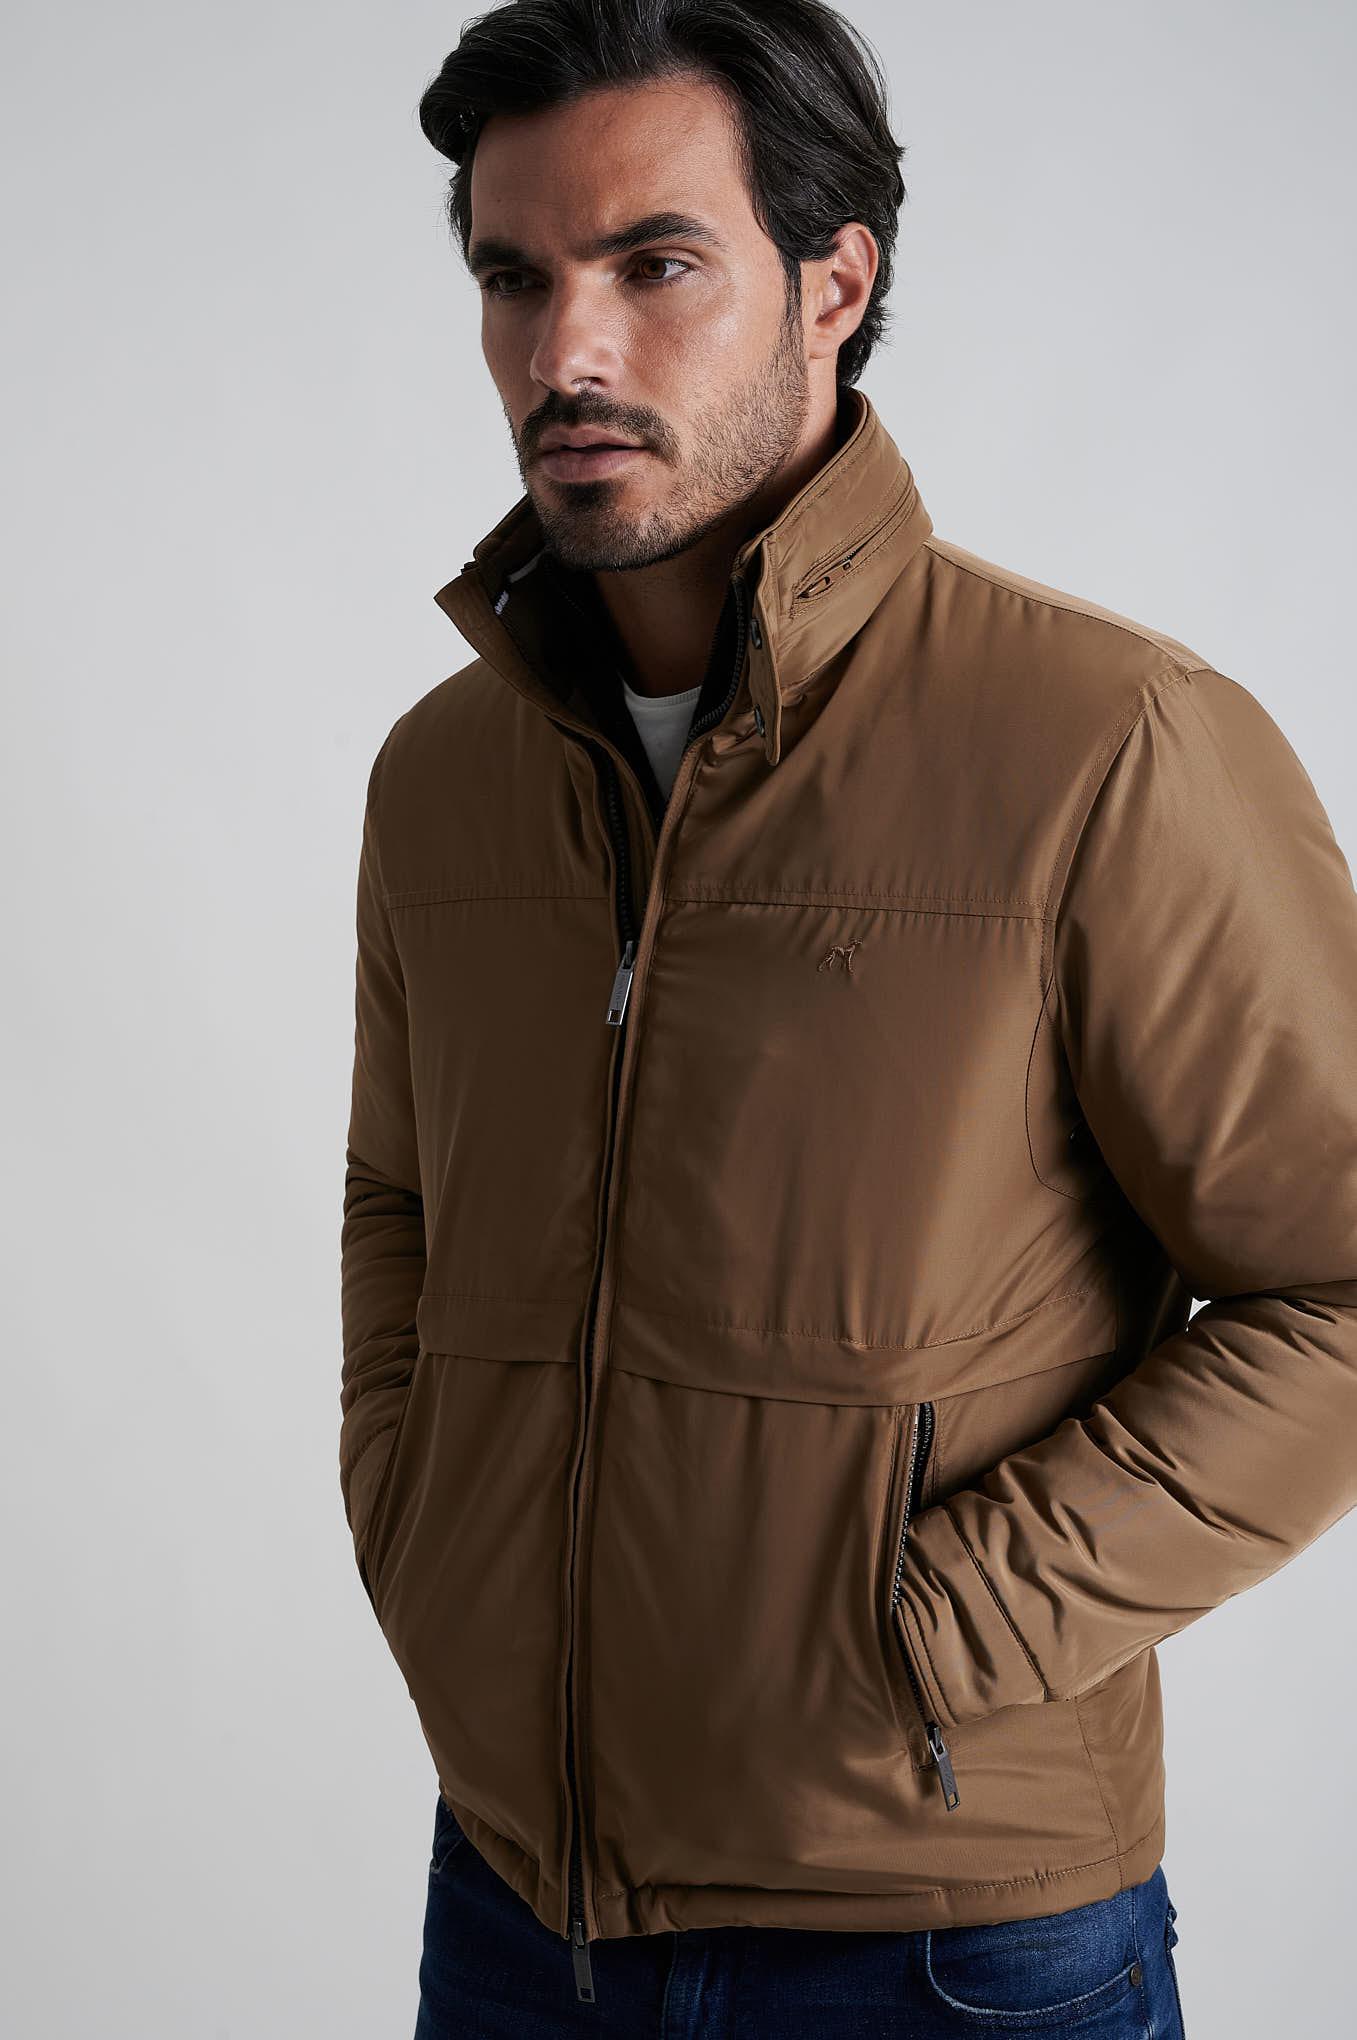 Jacket Dark Beige Casual Man